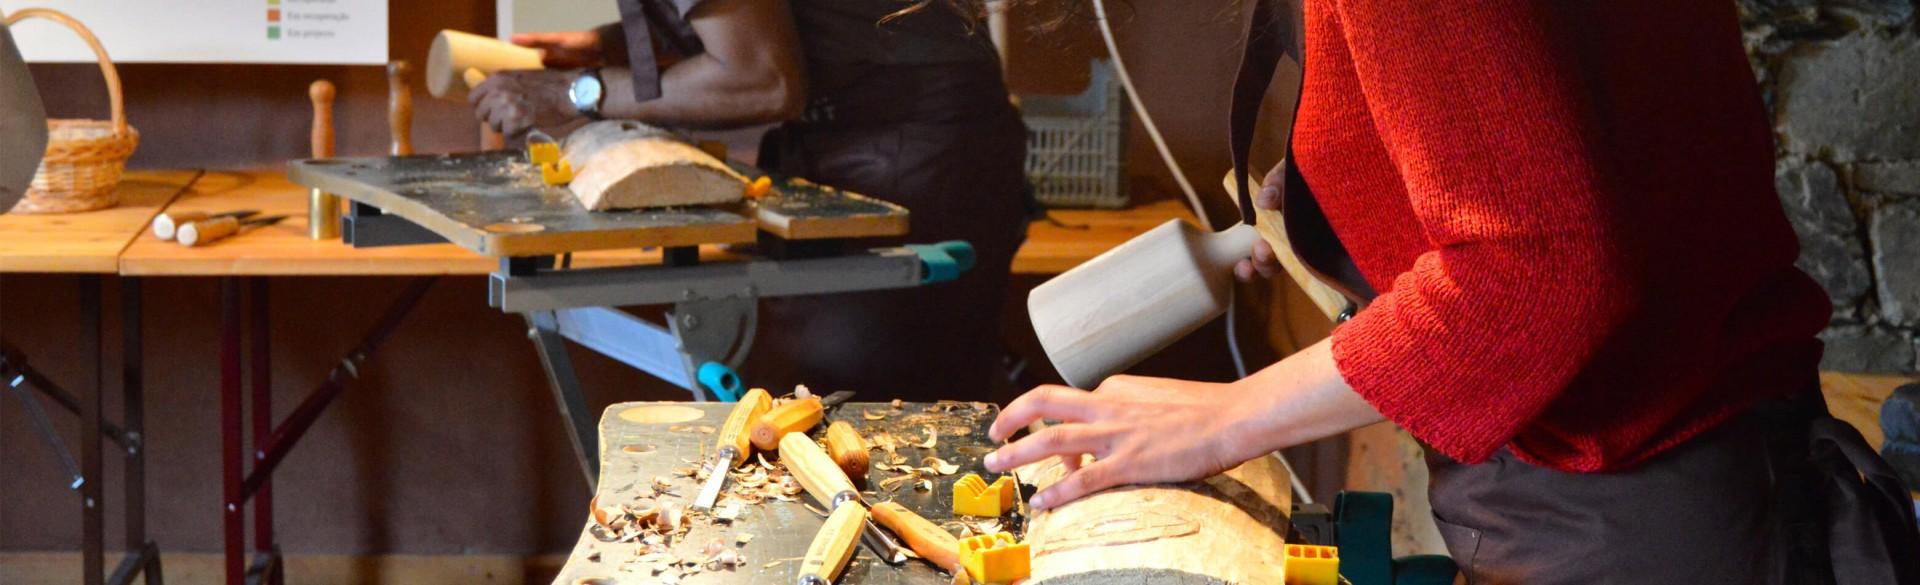 Workshop on carving sweet chestnut wood